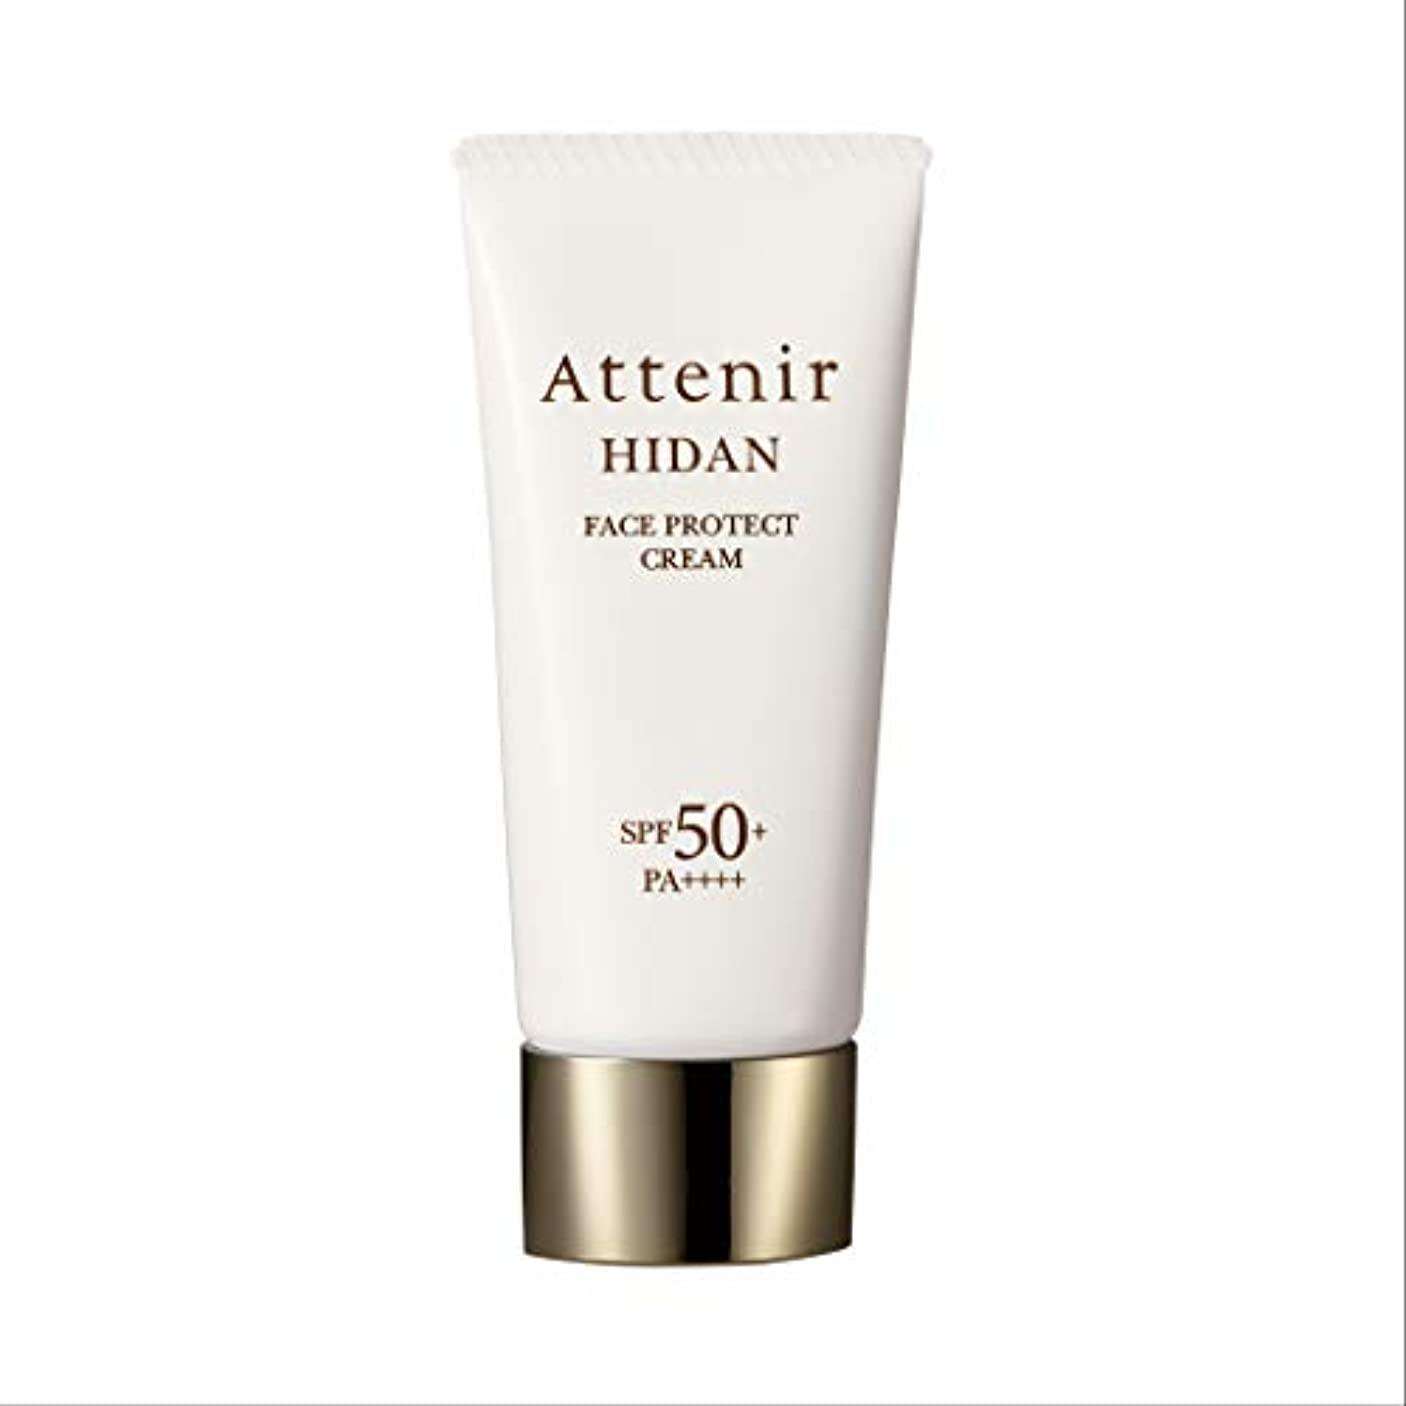 お気に入りマリン若いアテニア クリーム 陽断(ひだん) フェイスプロテクトクリーム 日焼け止め UV50 30g SPF50+ PA++++ ウォータープルーフ ボディクリーム